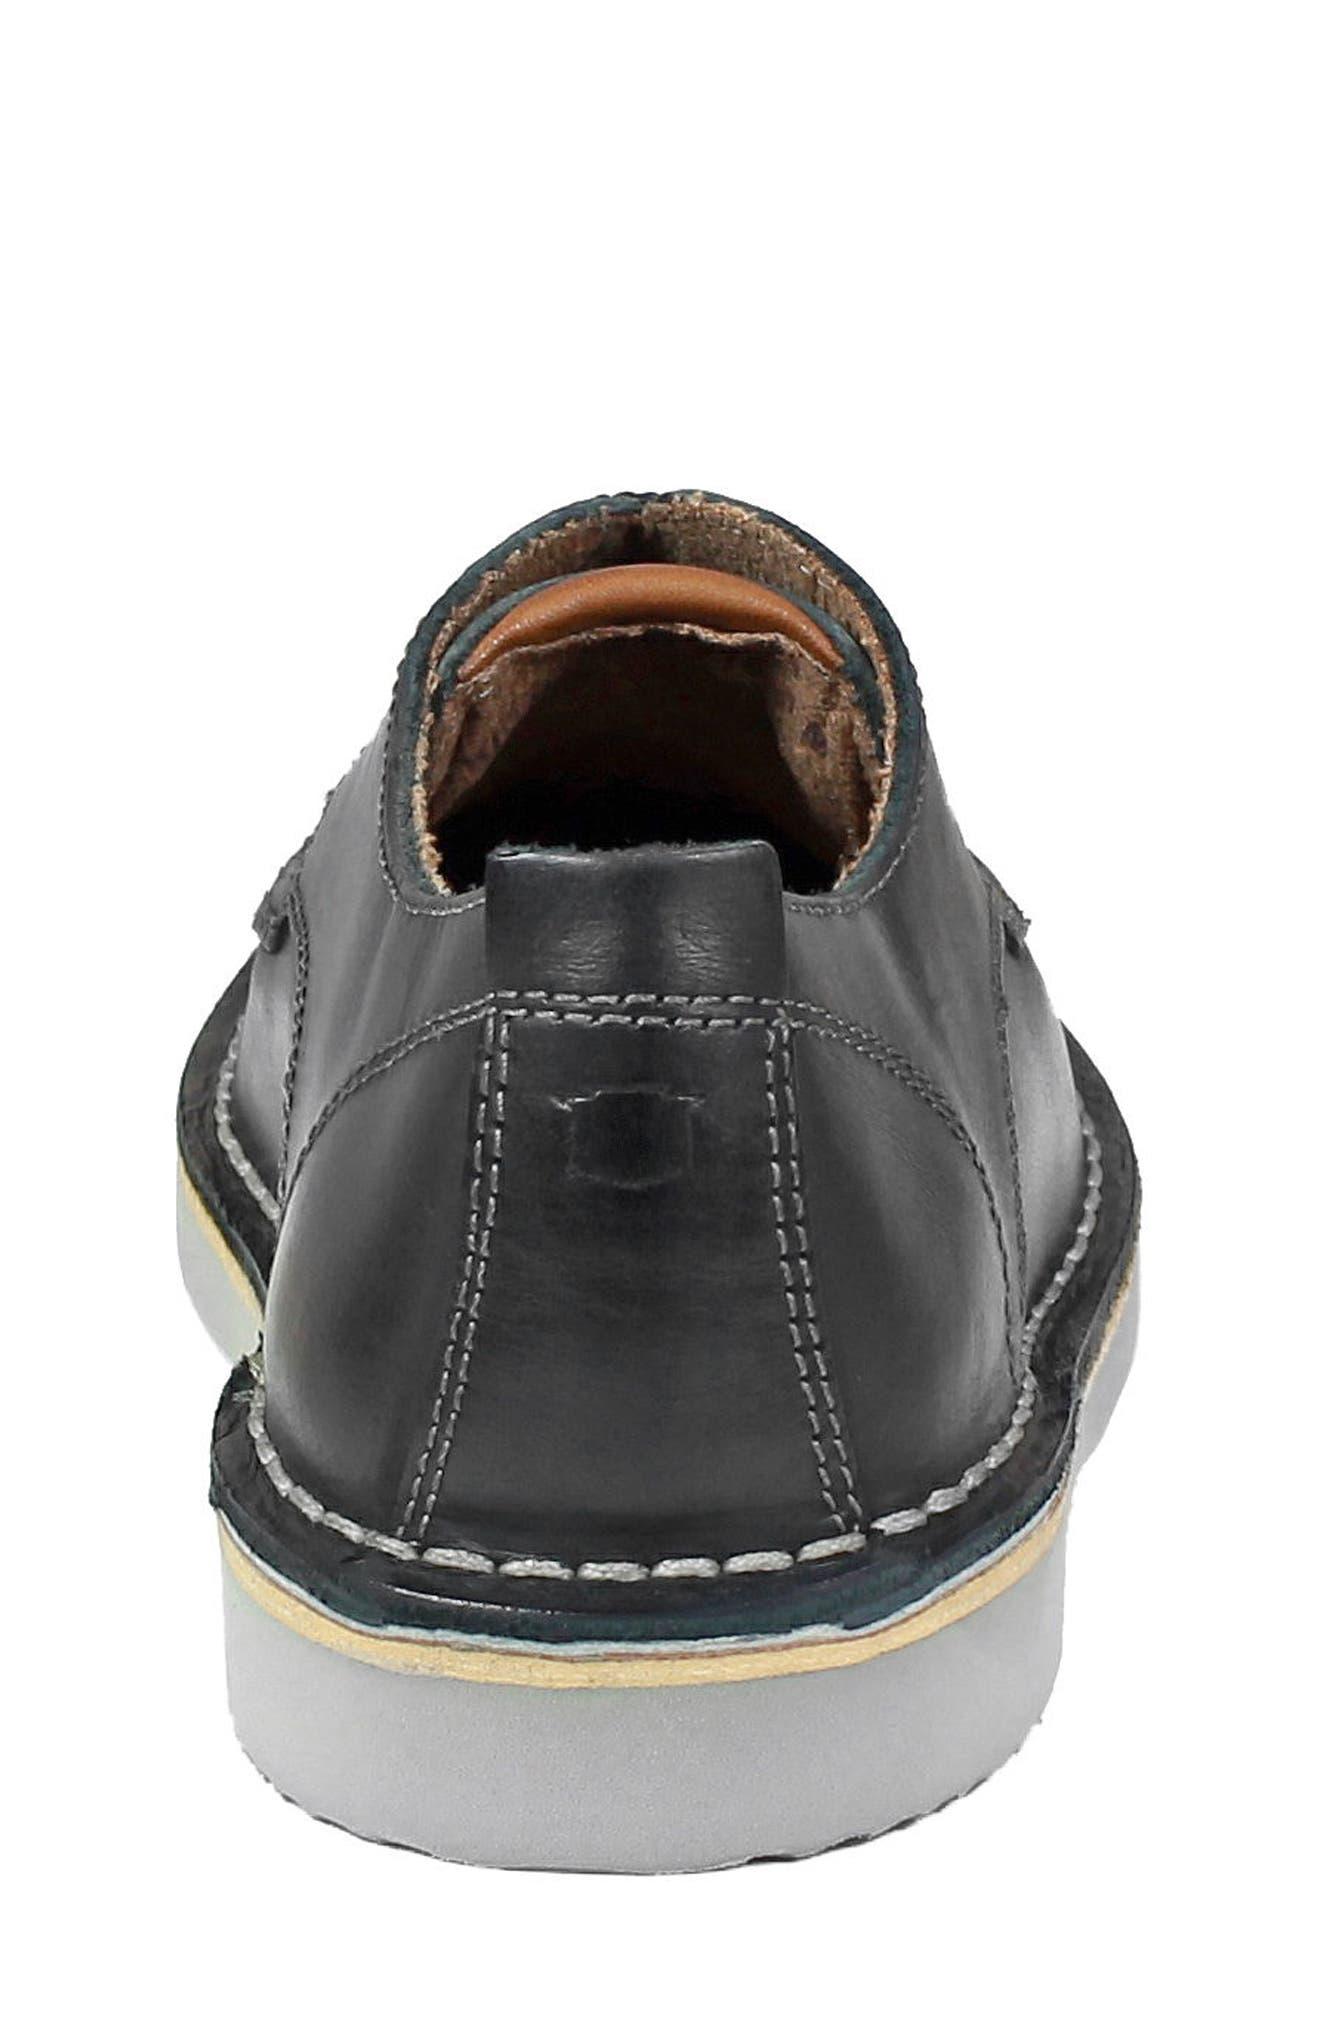 FLORSHEIM, Navigator JR Plain Toe Oxford, Alternate thumbnail 8, color, BLACK LEATHER